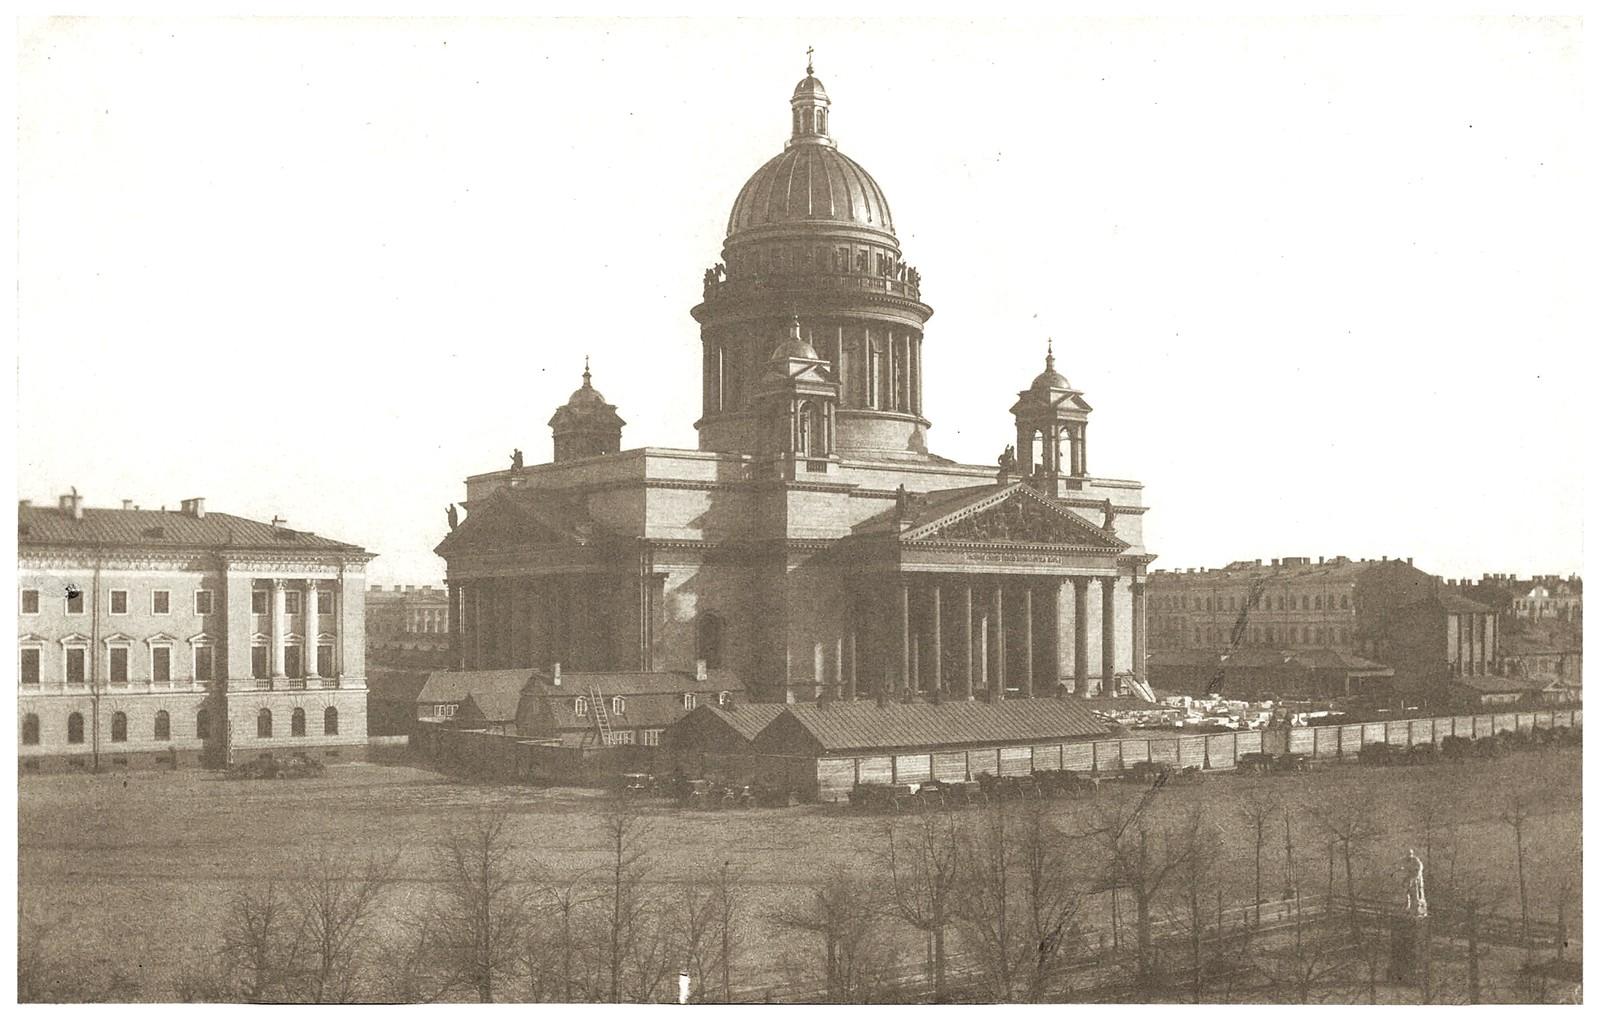 Исаакиевский собор, вид от Адмиралтейства. 1850-е (до 1855)